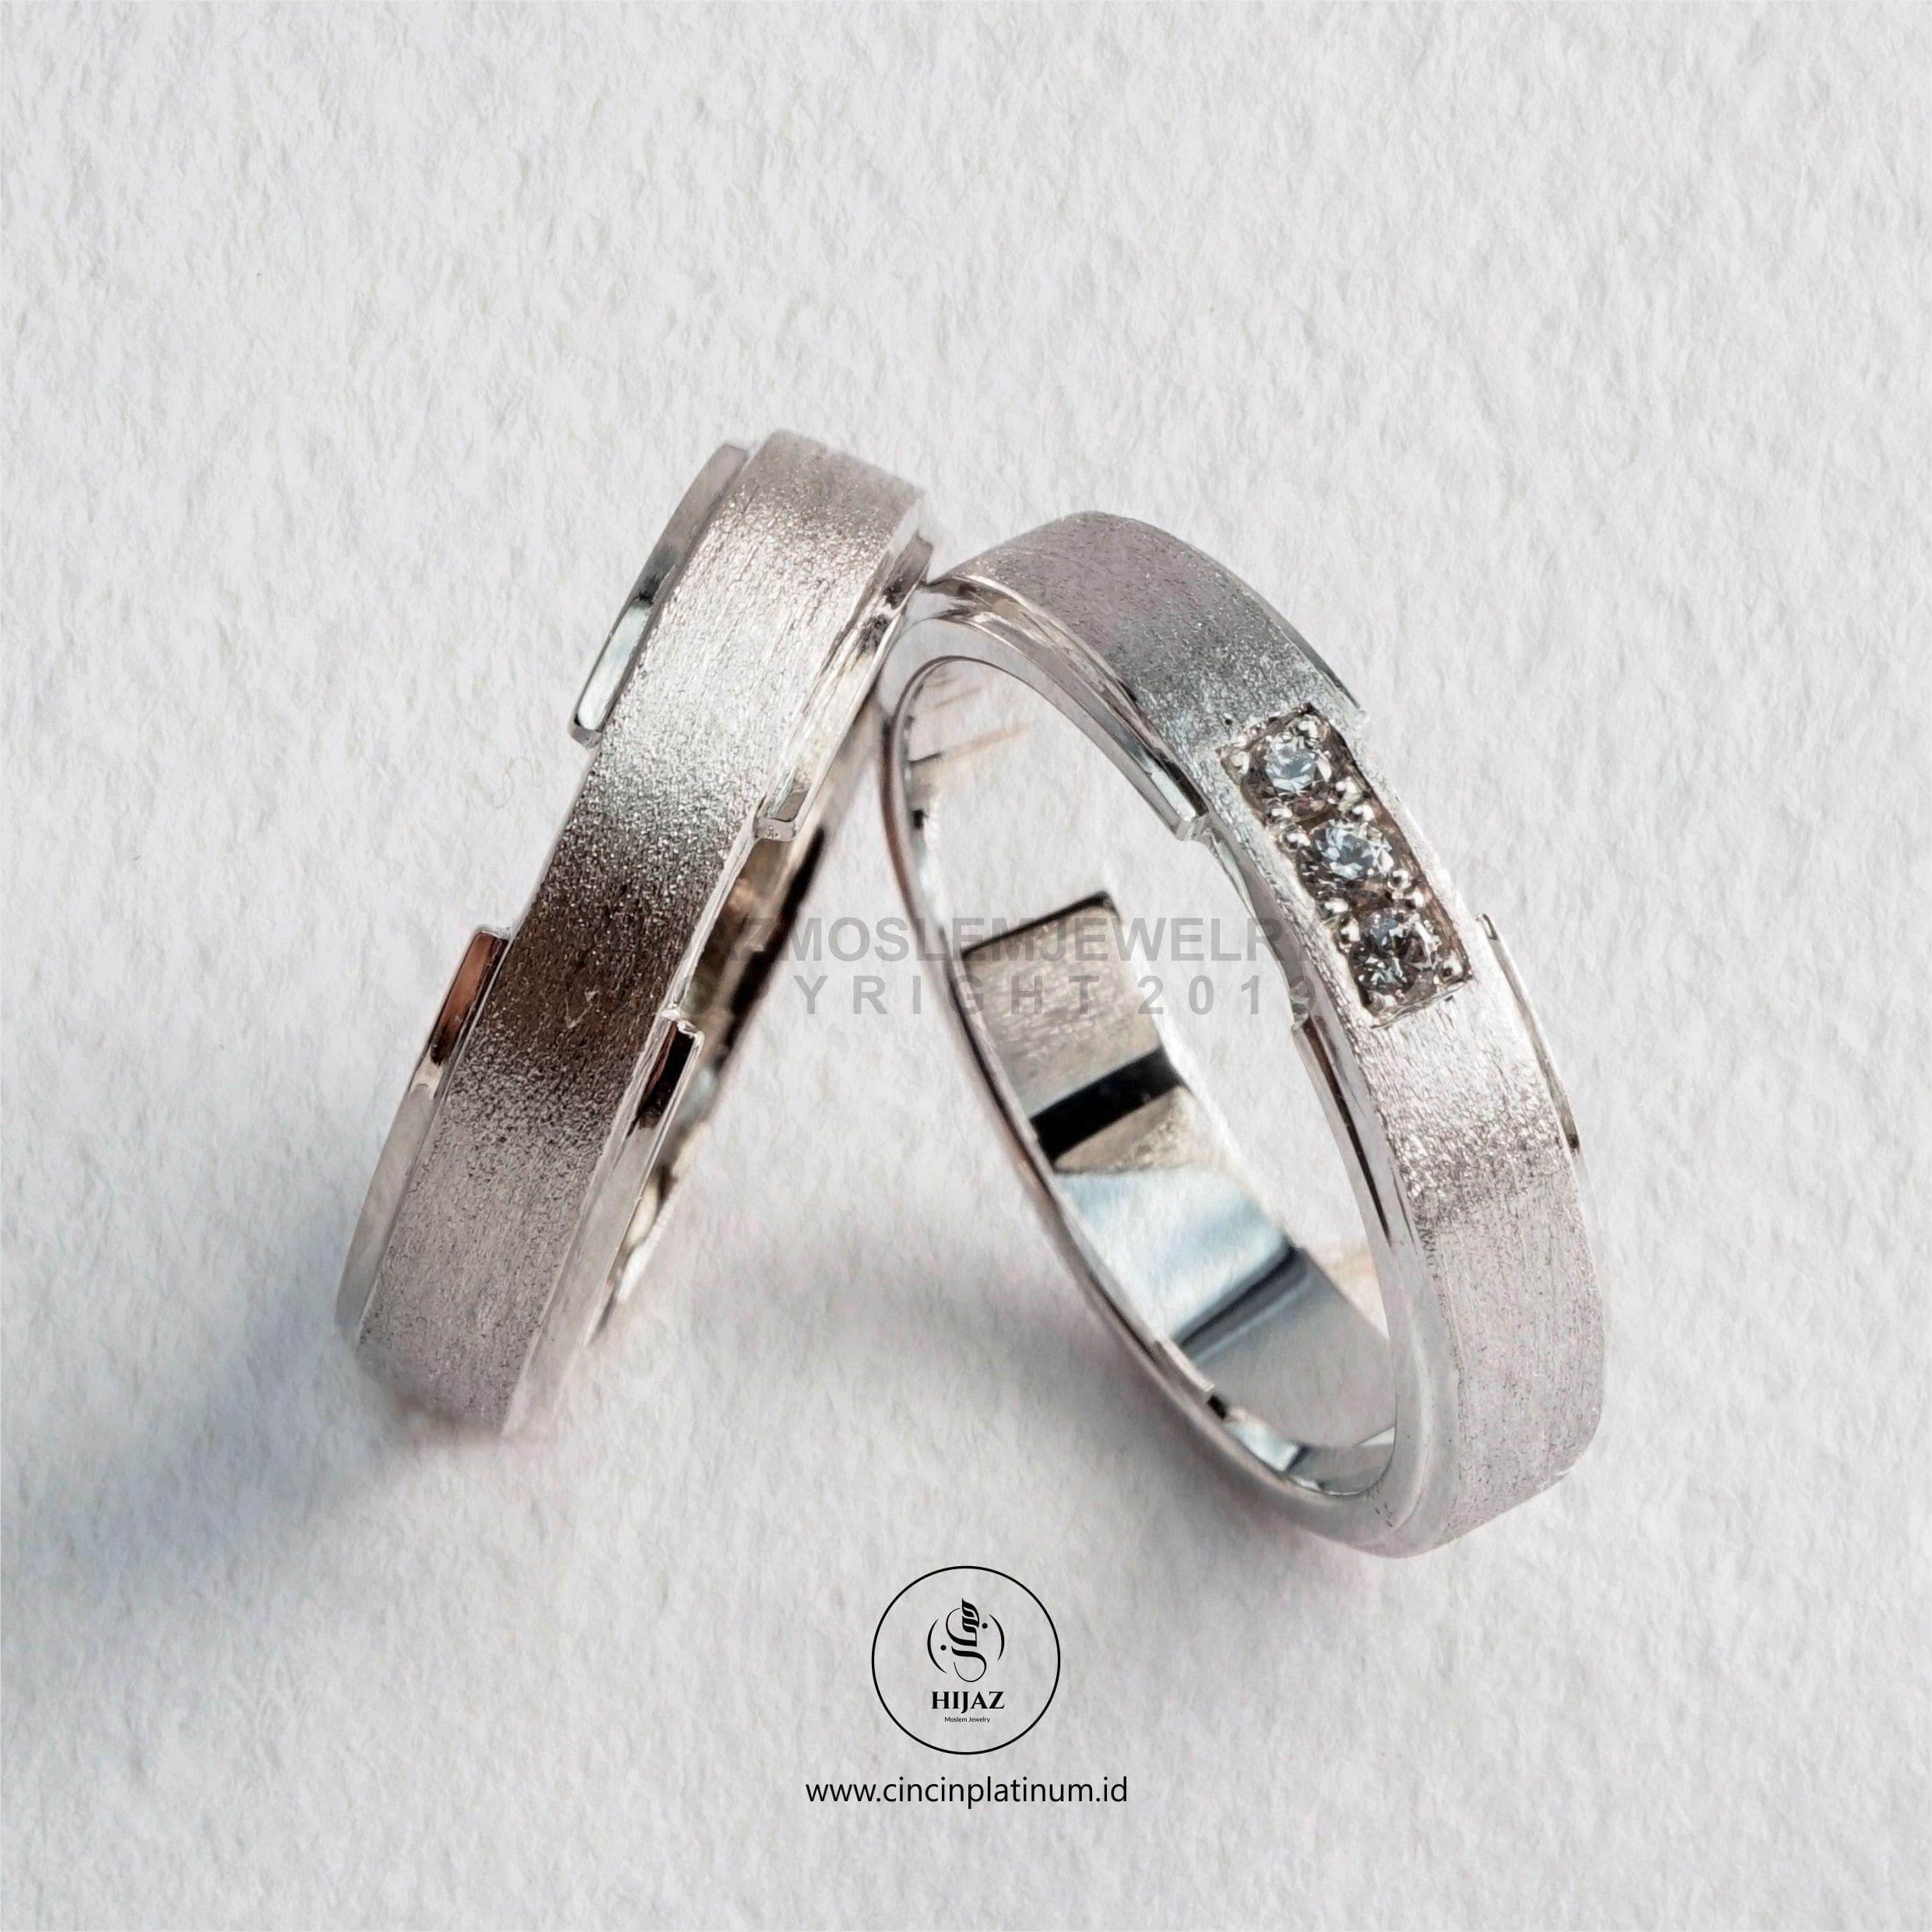 Cincin Kawin Tunangan Palladium Emas Putih PD0170